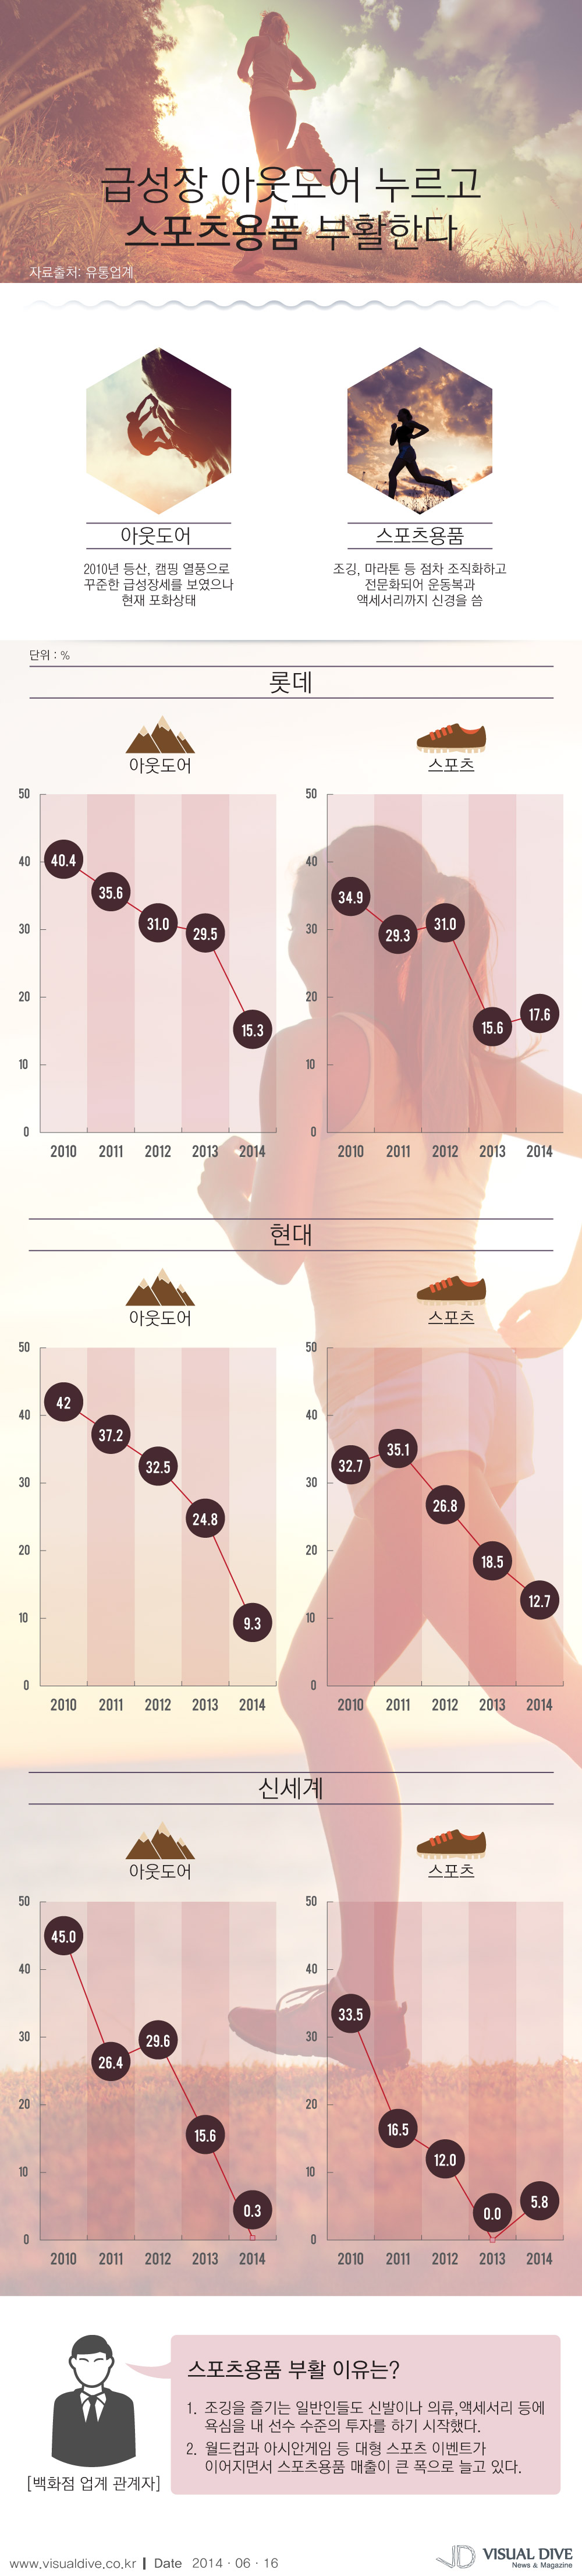 4년간 급성장 아웃도어 주춤…스포츠용품 '부활' 조짐 [인포그래픽] #outdoor / #Infographic ⓒ 비주얼다이브 무단 복사·전재·재배포 금지